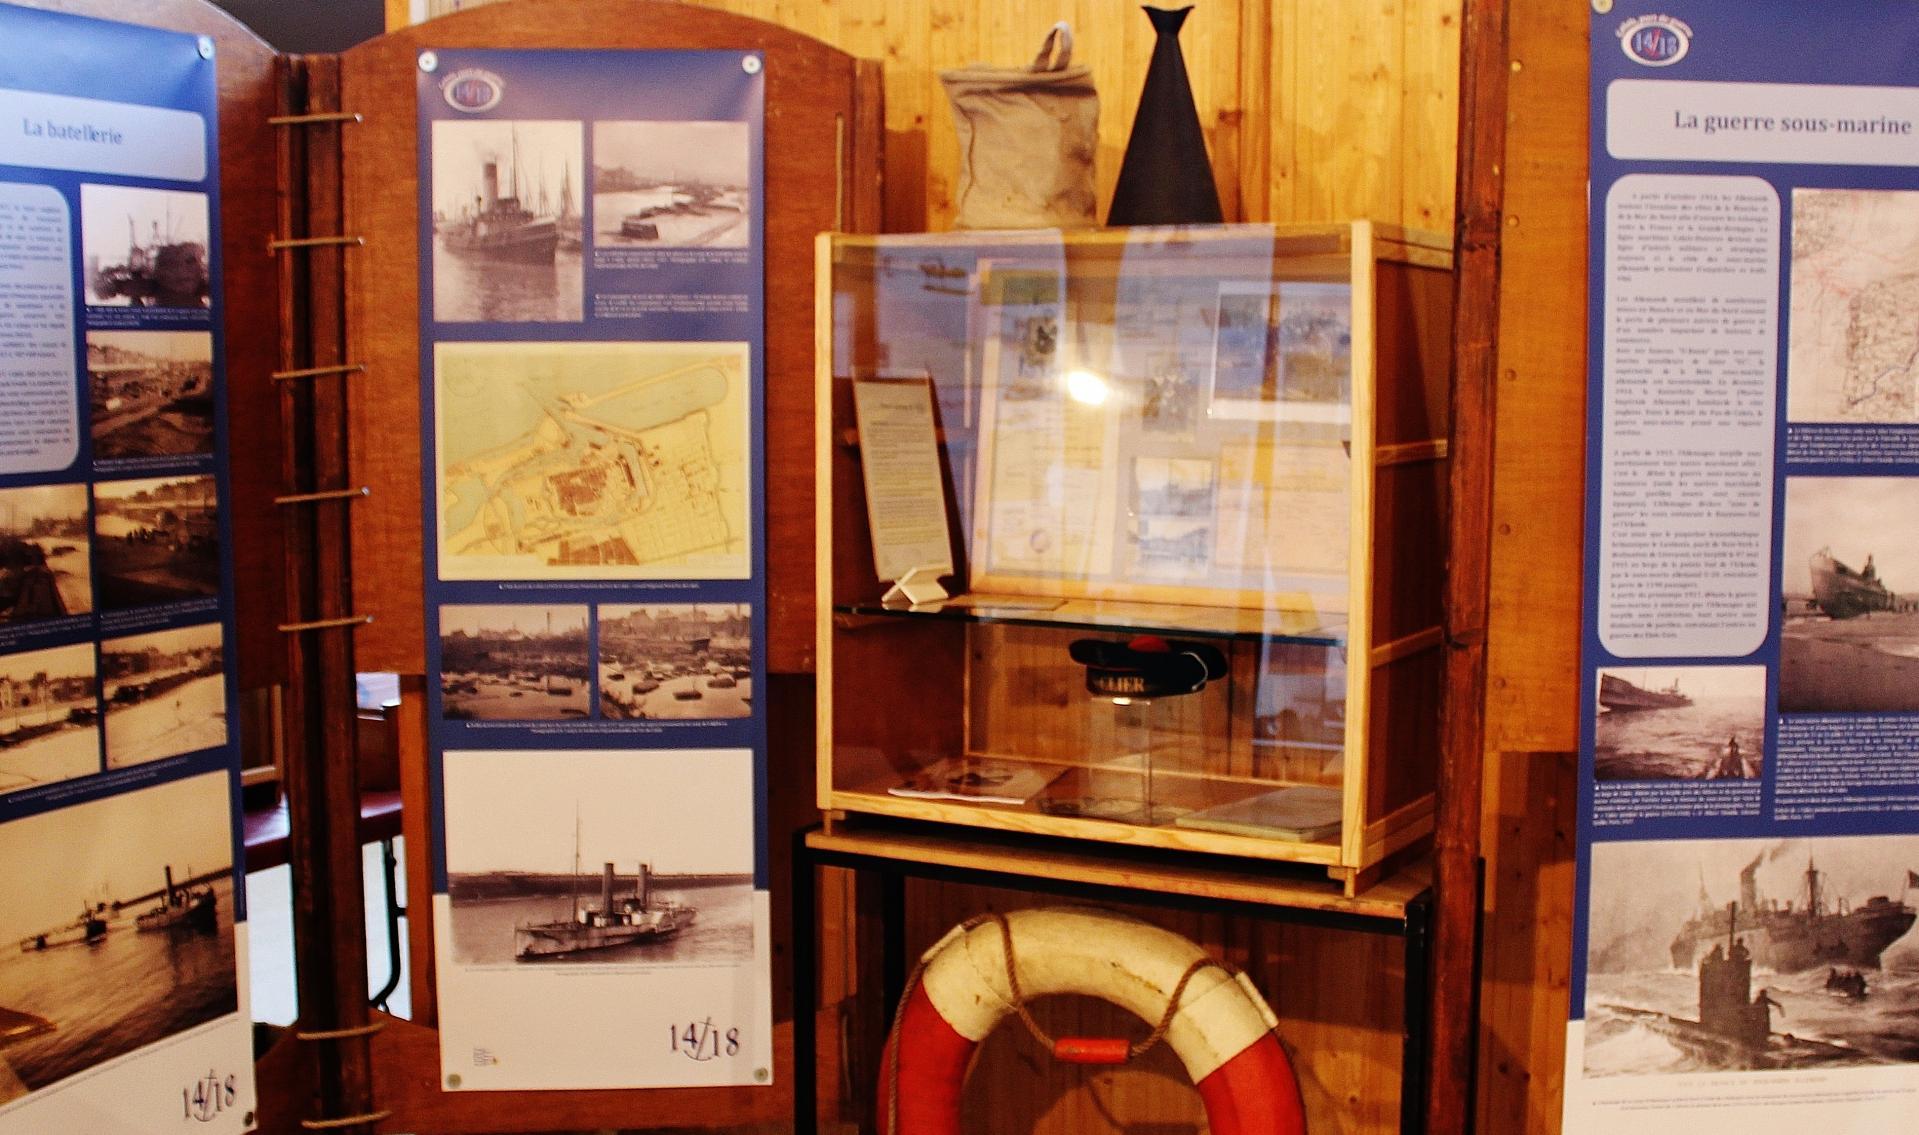 Calais 14 18 la guerre sous marine et la batellerie